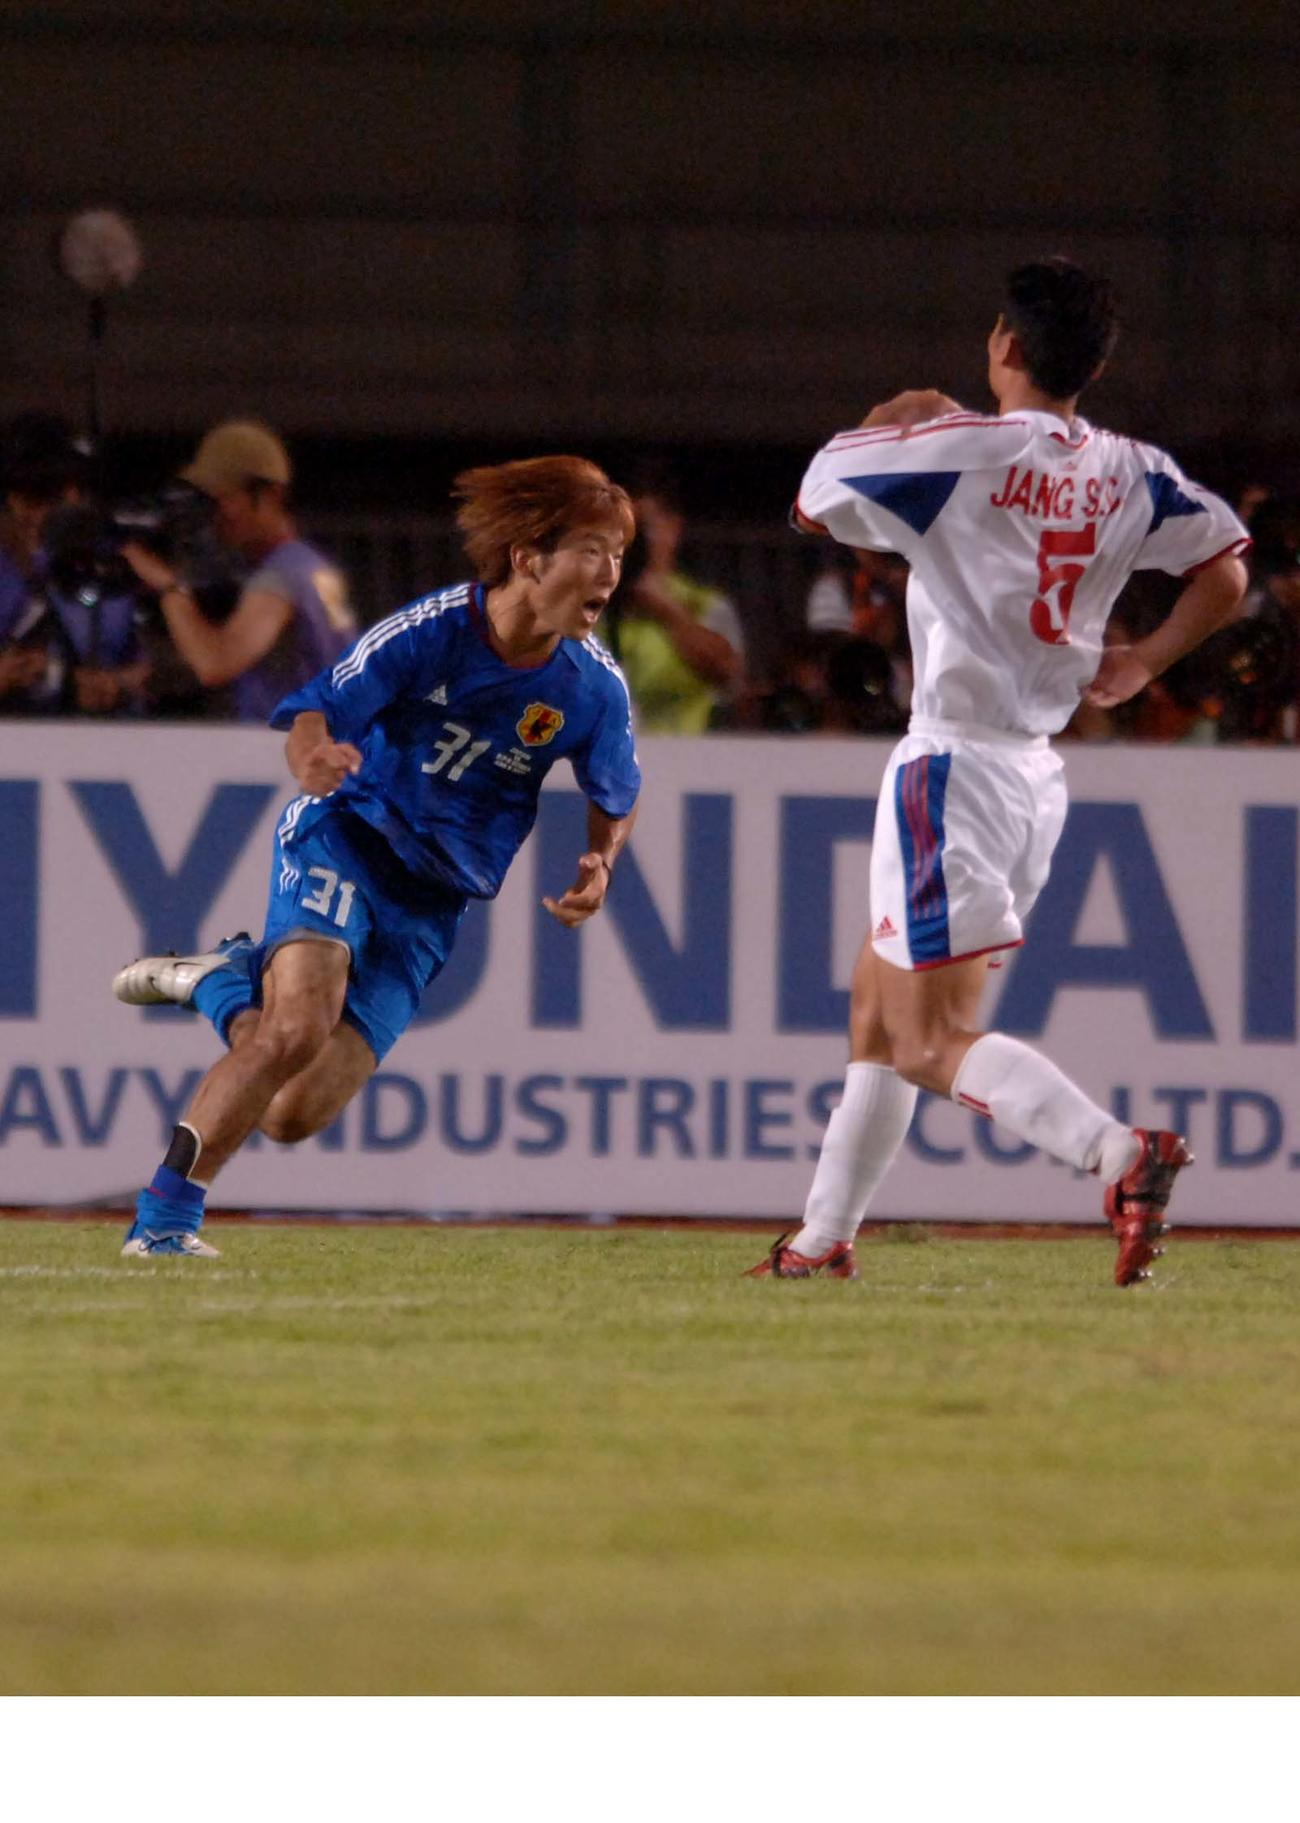 05年のW杯アジア最終予選 北朝鮮対日本 後半43分、ゴールを決めガッツポーズをする大黒将志